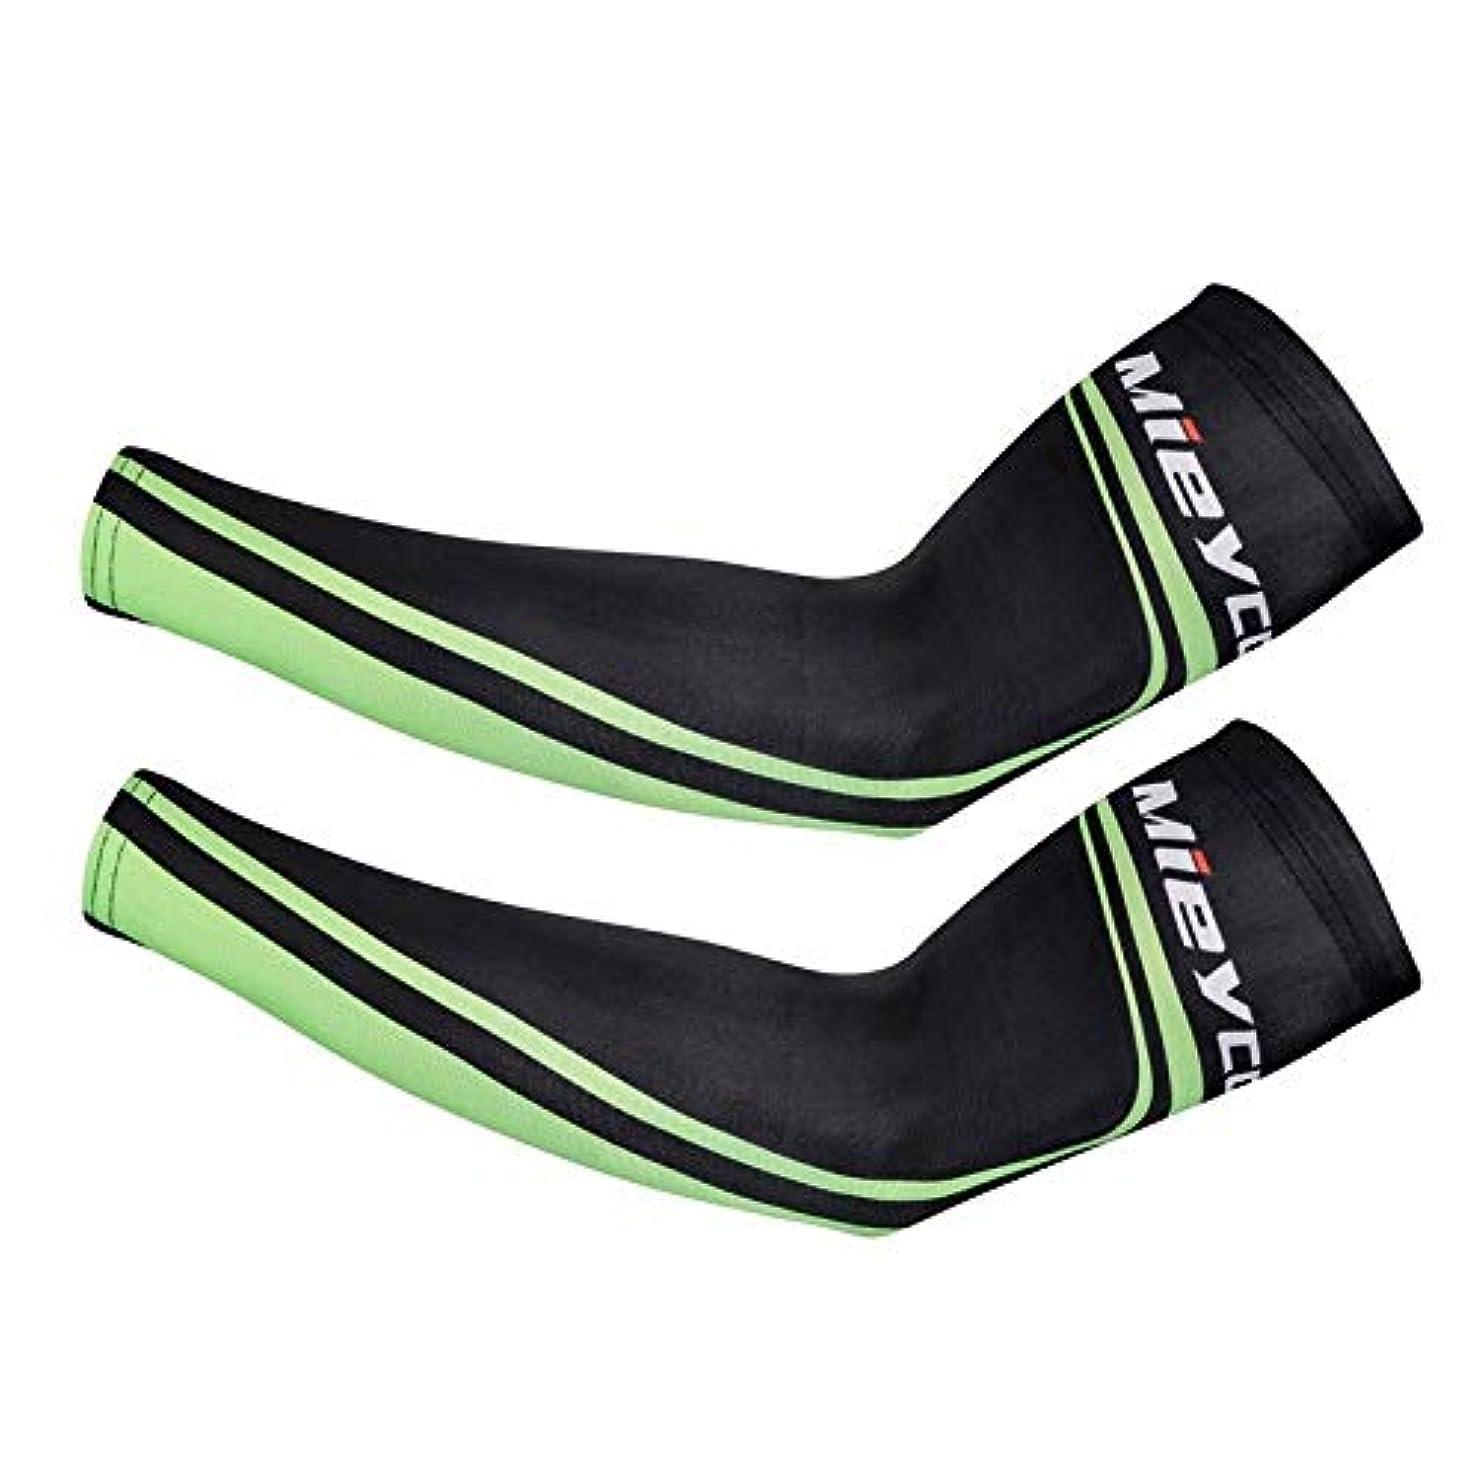 タンカー活性化する逆にRRT 二の腕シェイパー アームカバー 手袋 左右2着セット 引き締め 痩せ サポーター 滑り止め 冷感作用 紫外線対策 吸汗速乾 手袋 アームカバー【両腕2枚組】 (Color : A, Size : L)